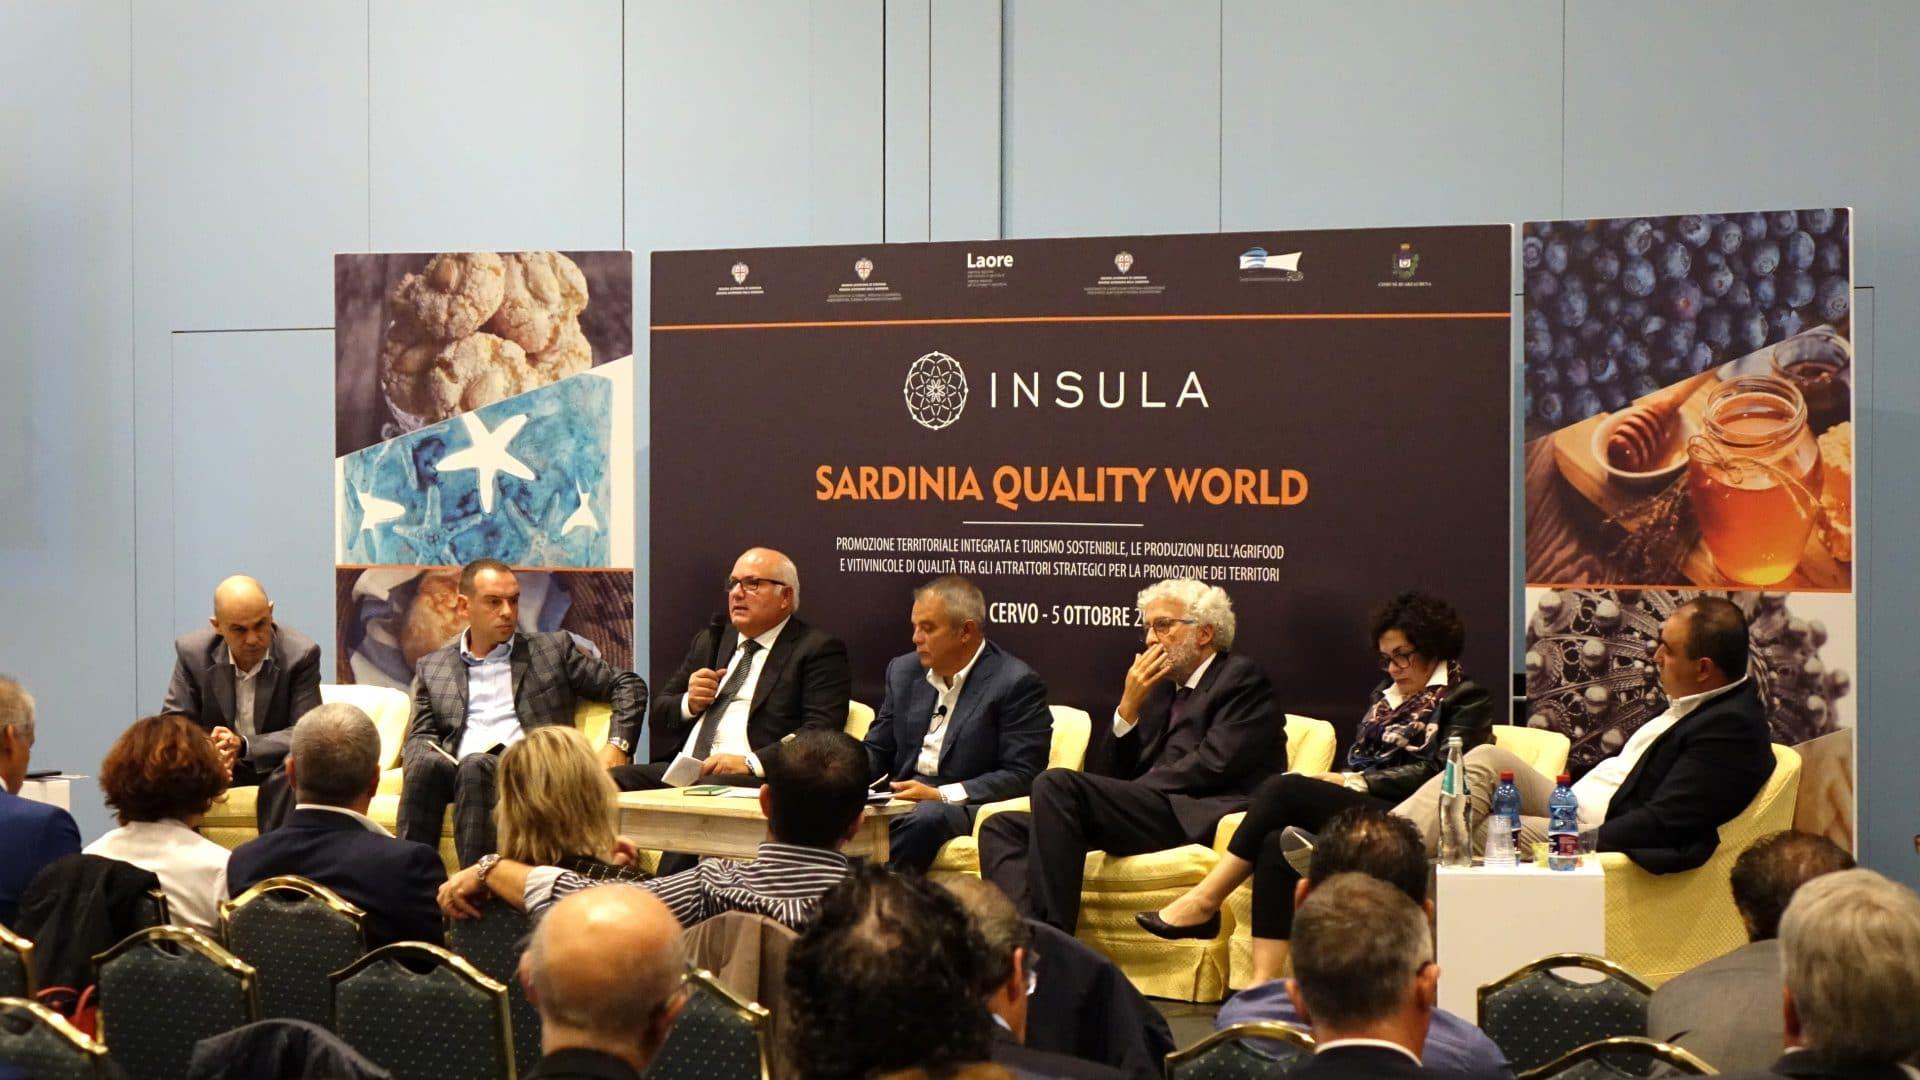 Porto Cervo Sardinia Quality World